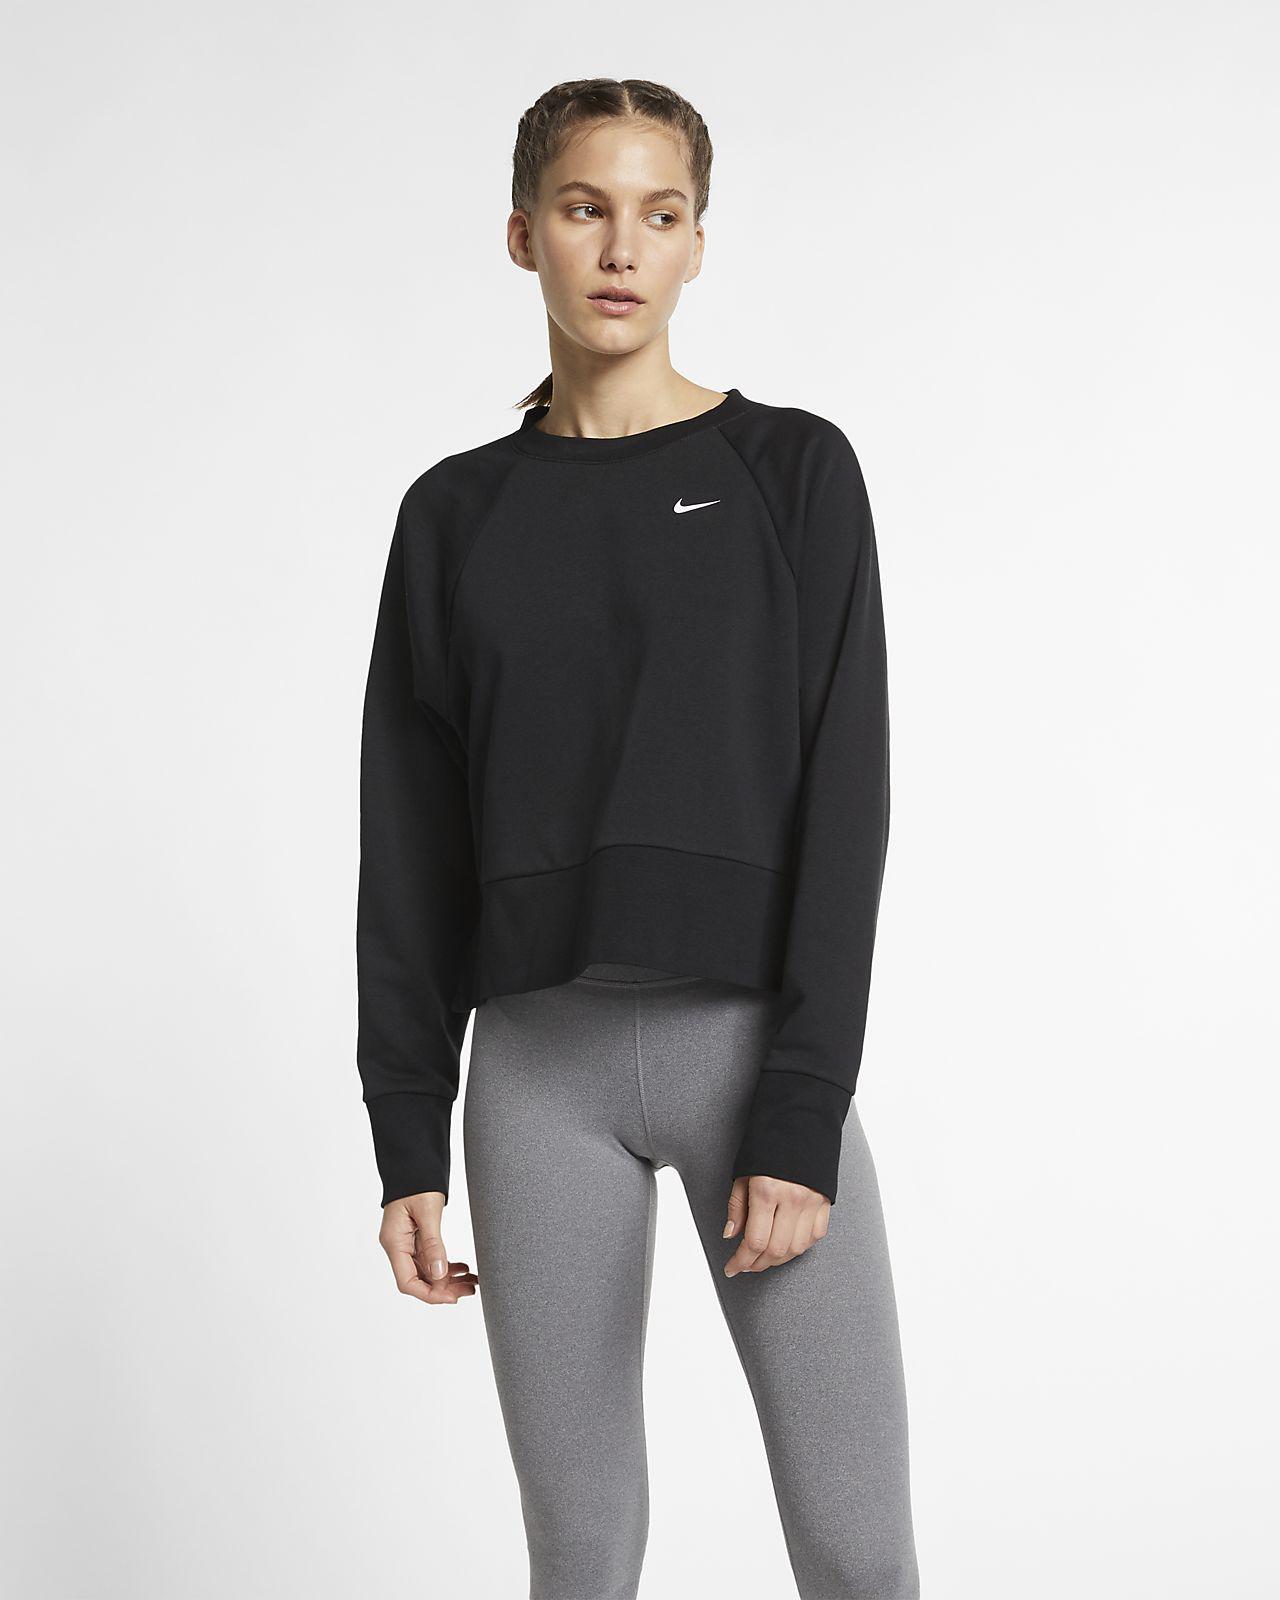 Maglia da yoga a manica lunga Nike Dri-FIT - Donna